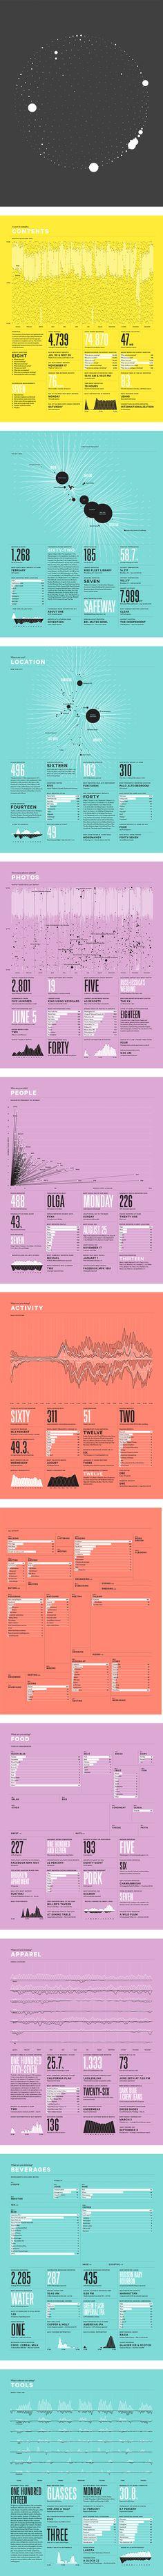 Le dernier rapport datavisualisé de Nicholas Felton, rien que pour vous ; ) Stunning #infographic